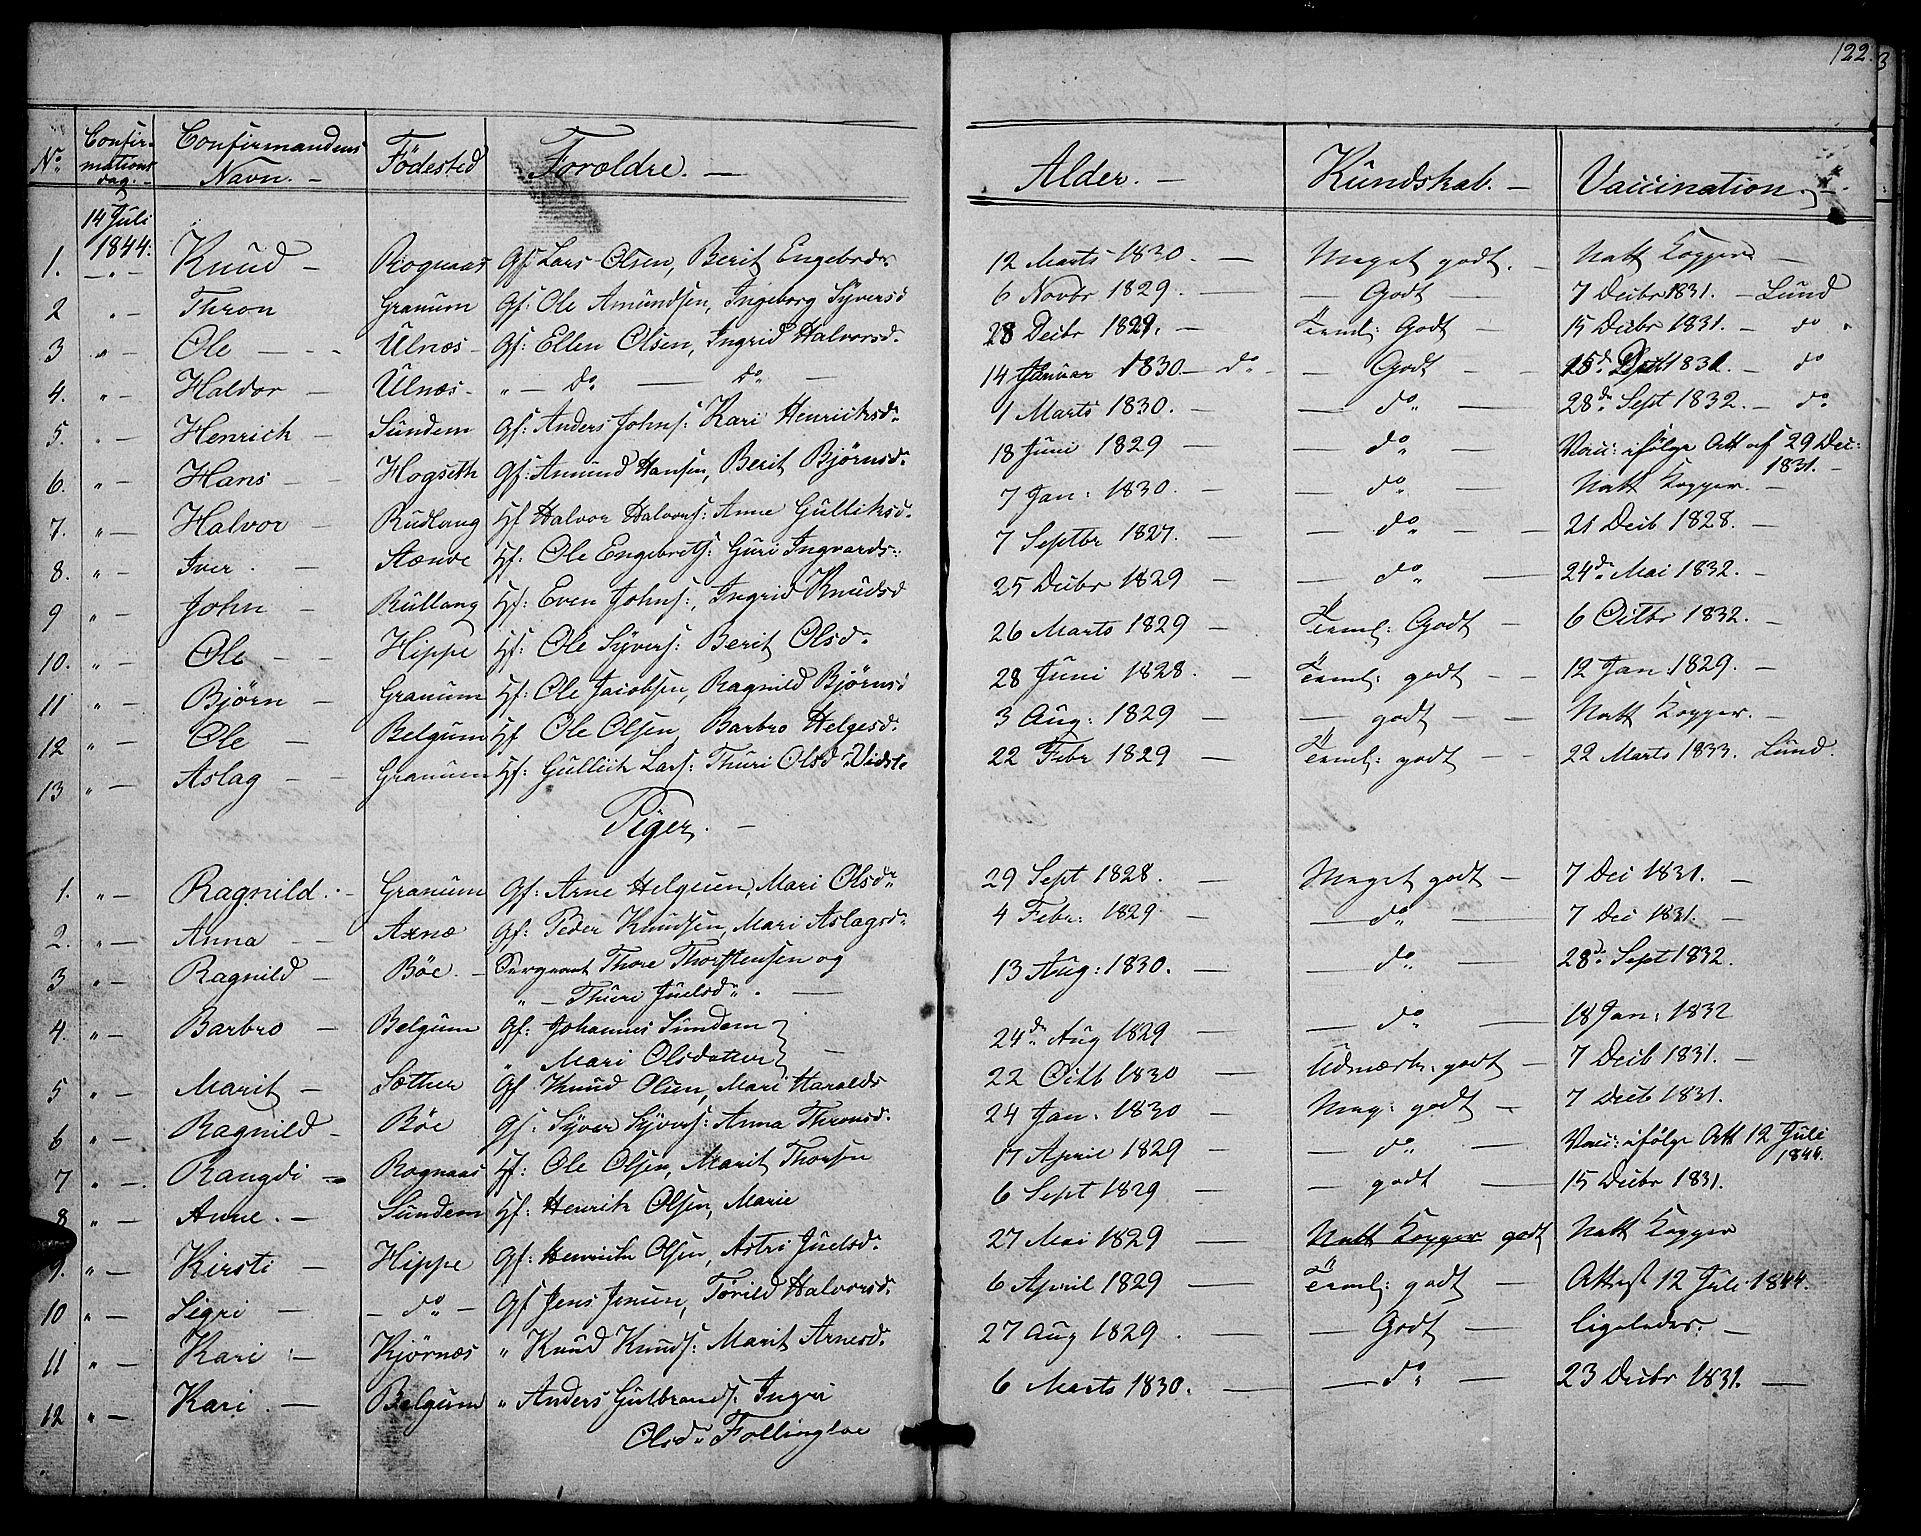 SAH, Nord-Aurdal prestekontor, Klokkerbok nr. 4, 1842-1882, s. 122